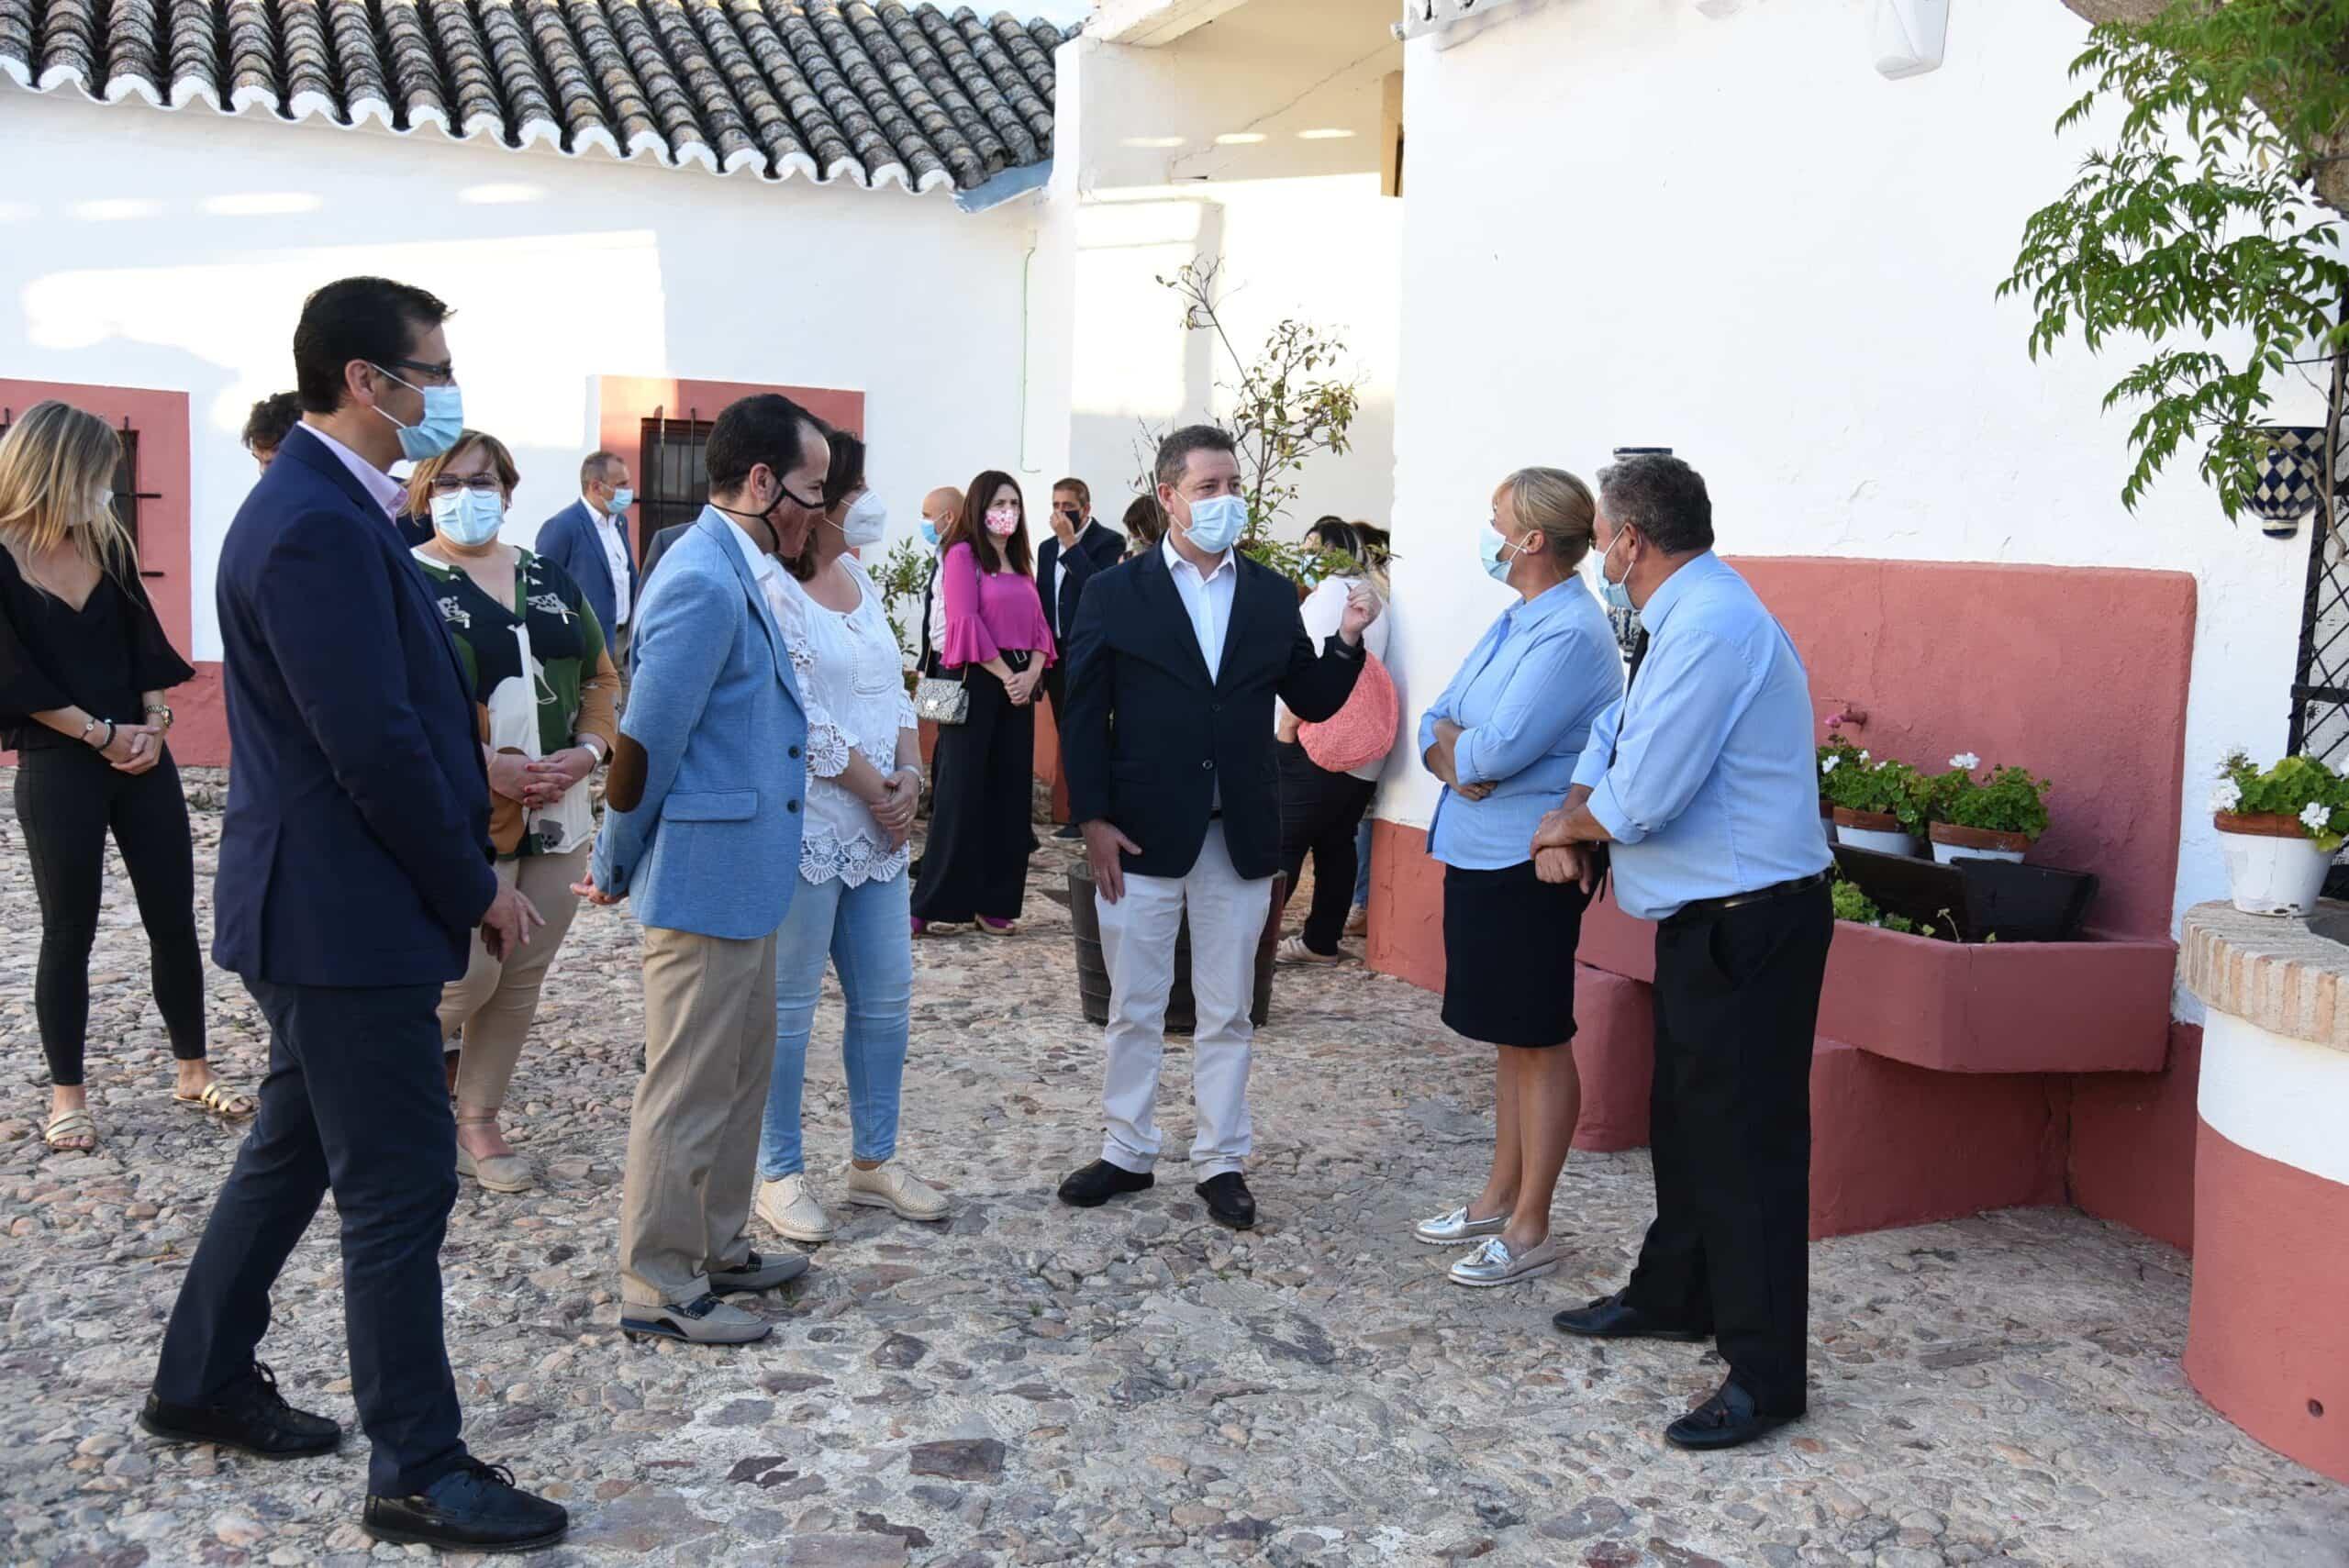 """visita el complejo rural cortijo sierra de la solana 1878 50016977621 o scaled - Visita al complejo rural """"Cortijo Sierra de la Solana 1878"""" en Herencia"""